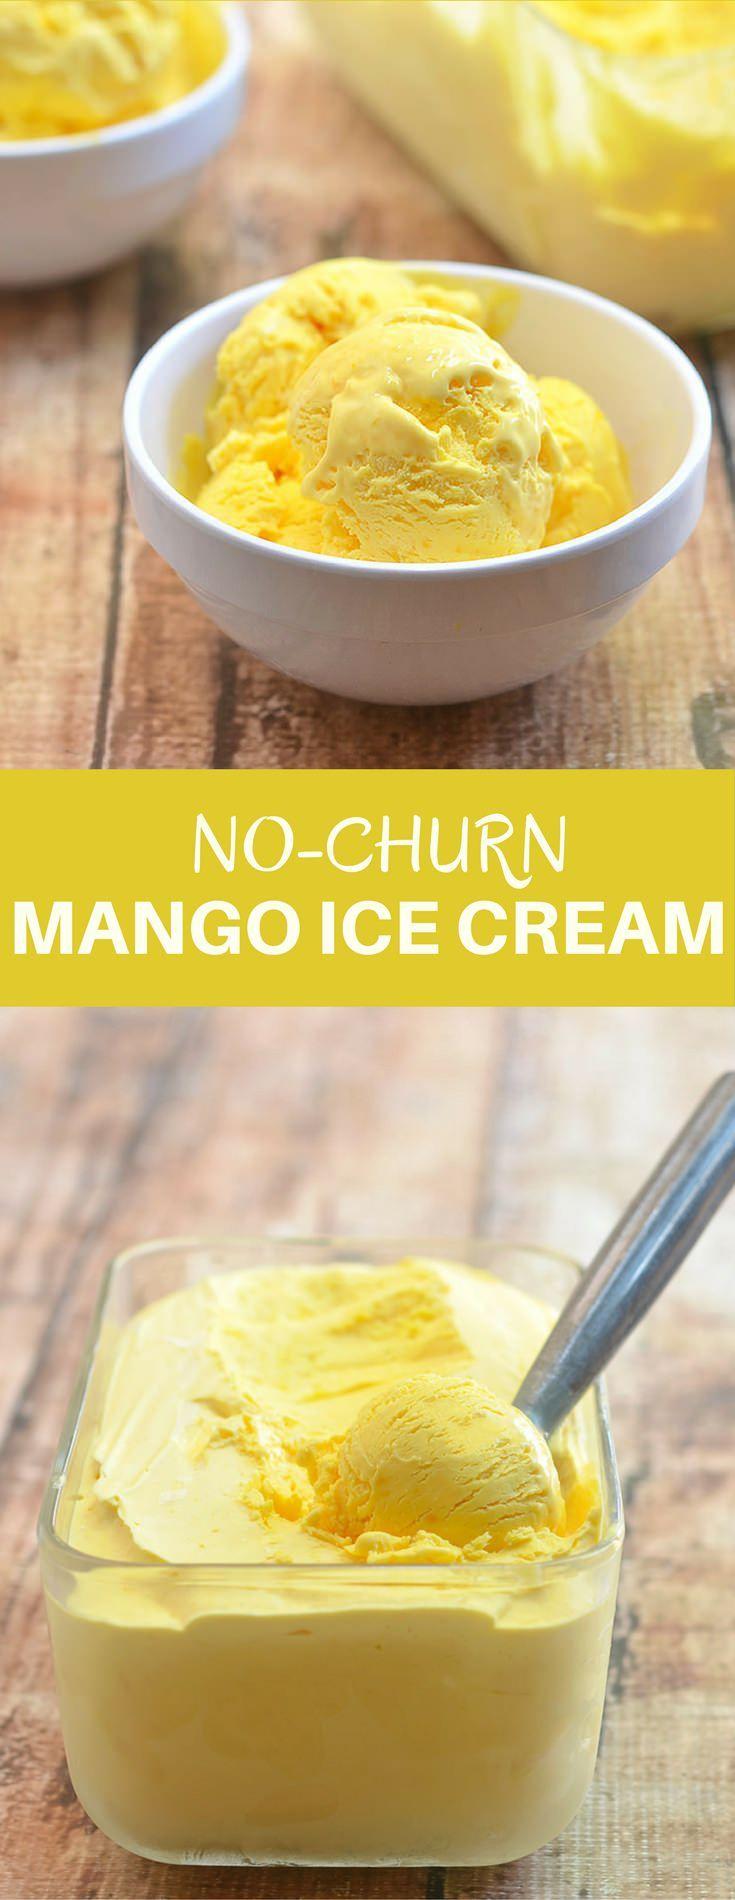 Mango icecream